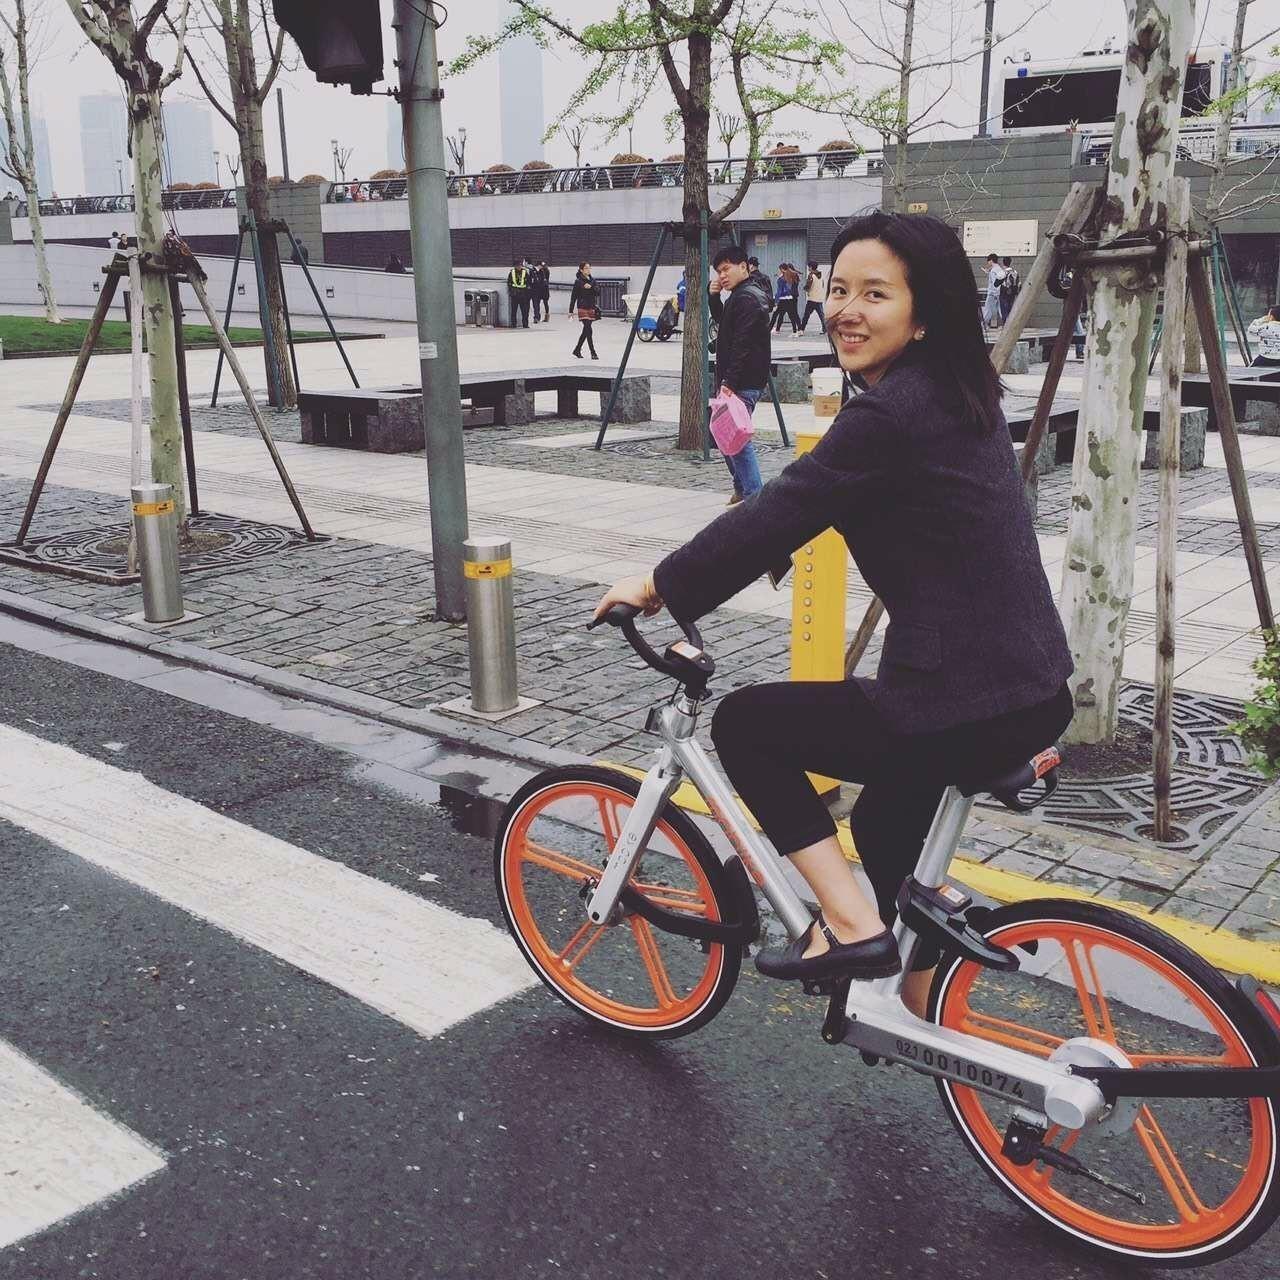 摩拜单车美女创始人32分钟演讲:为什么做出摩拜的人是我?l 附视频